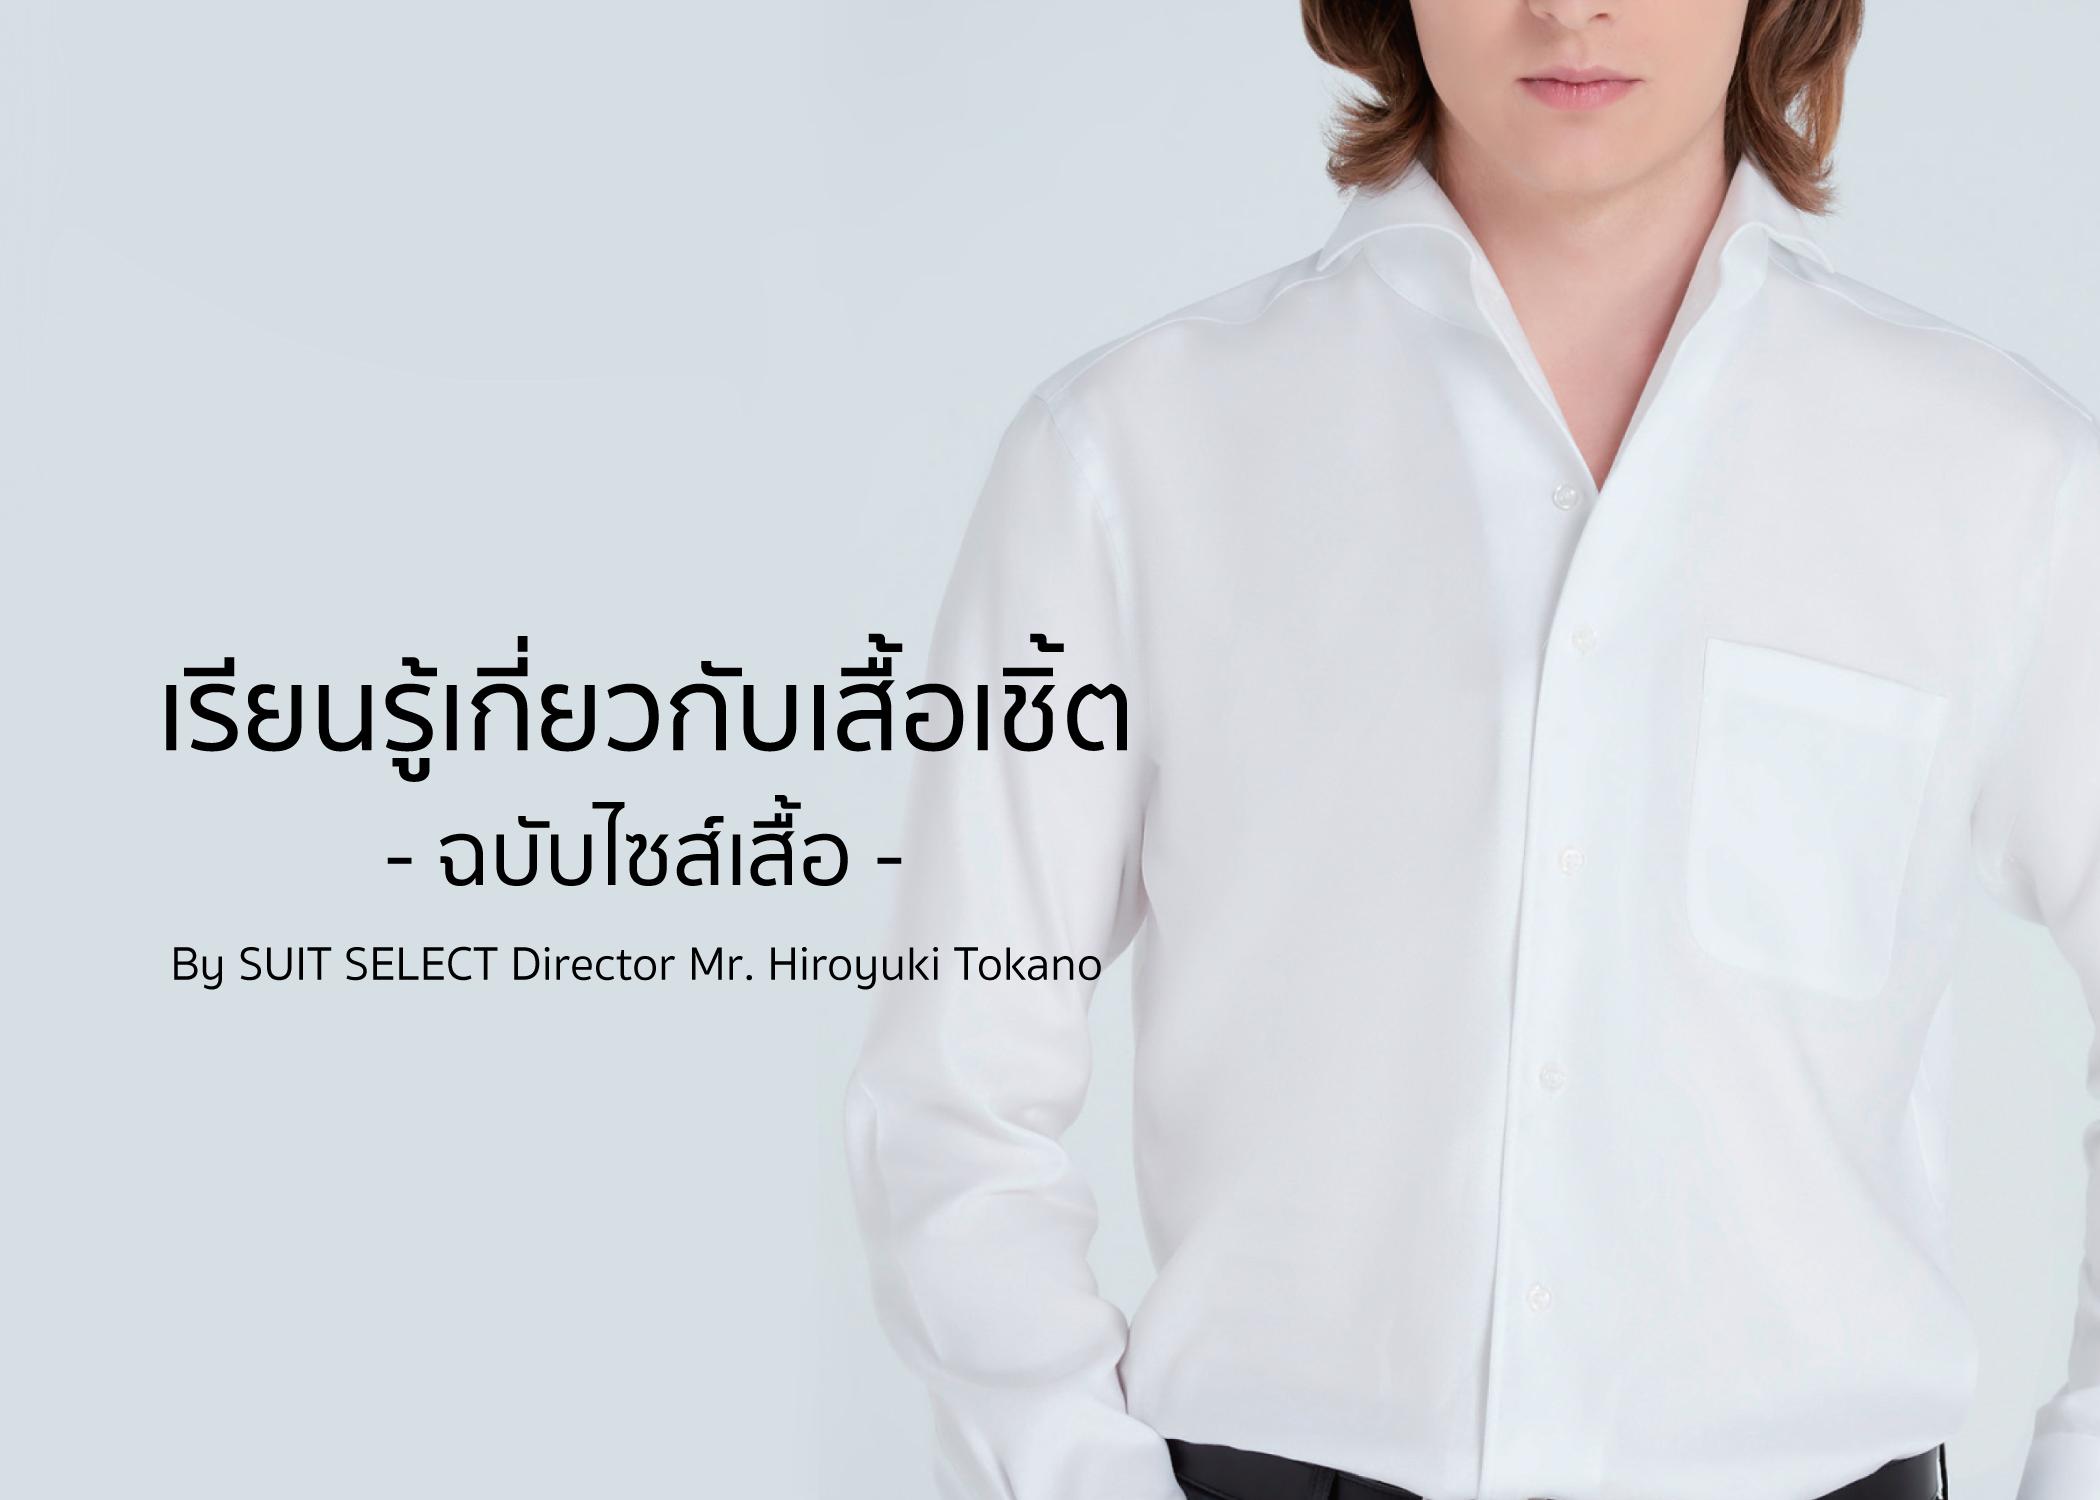 เรียนรู้เกี่ยวกับเสื้อเชิ้ต – ฉบับไซส์เสื้อ –